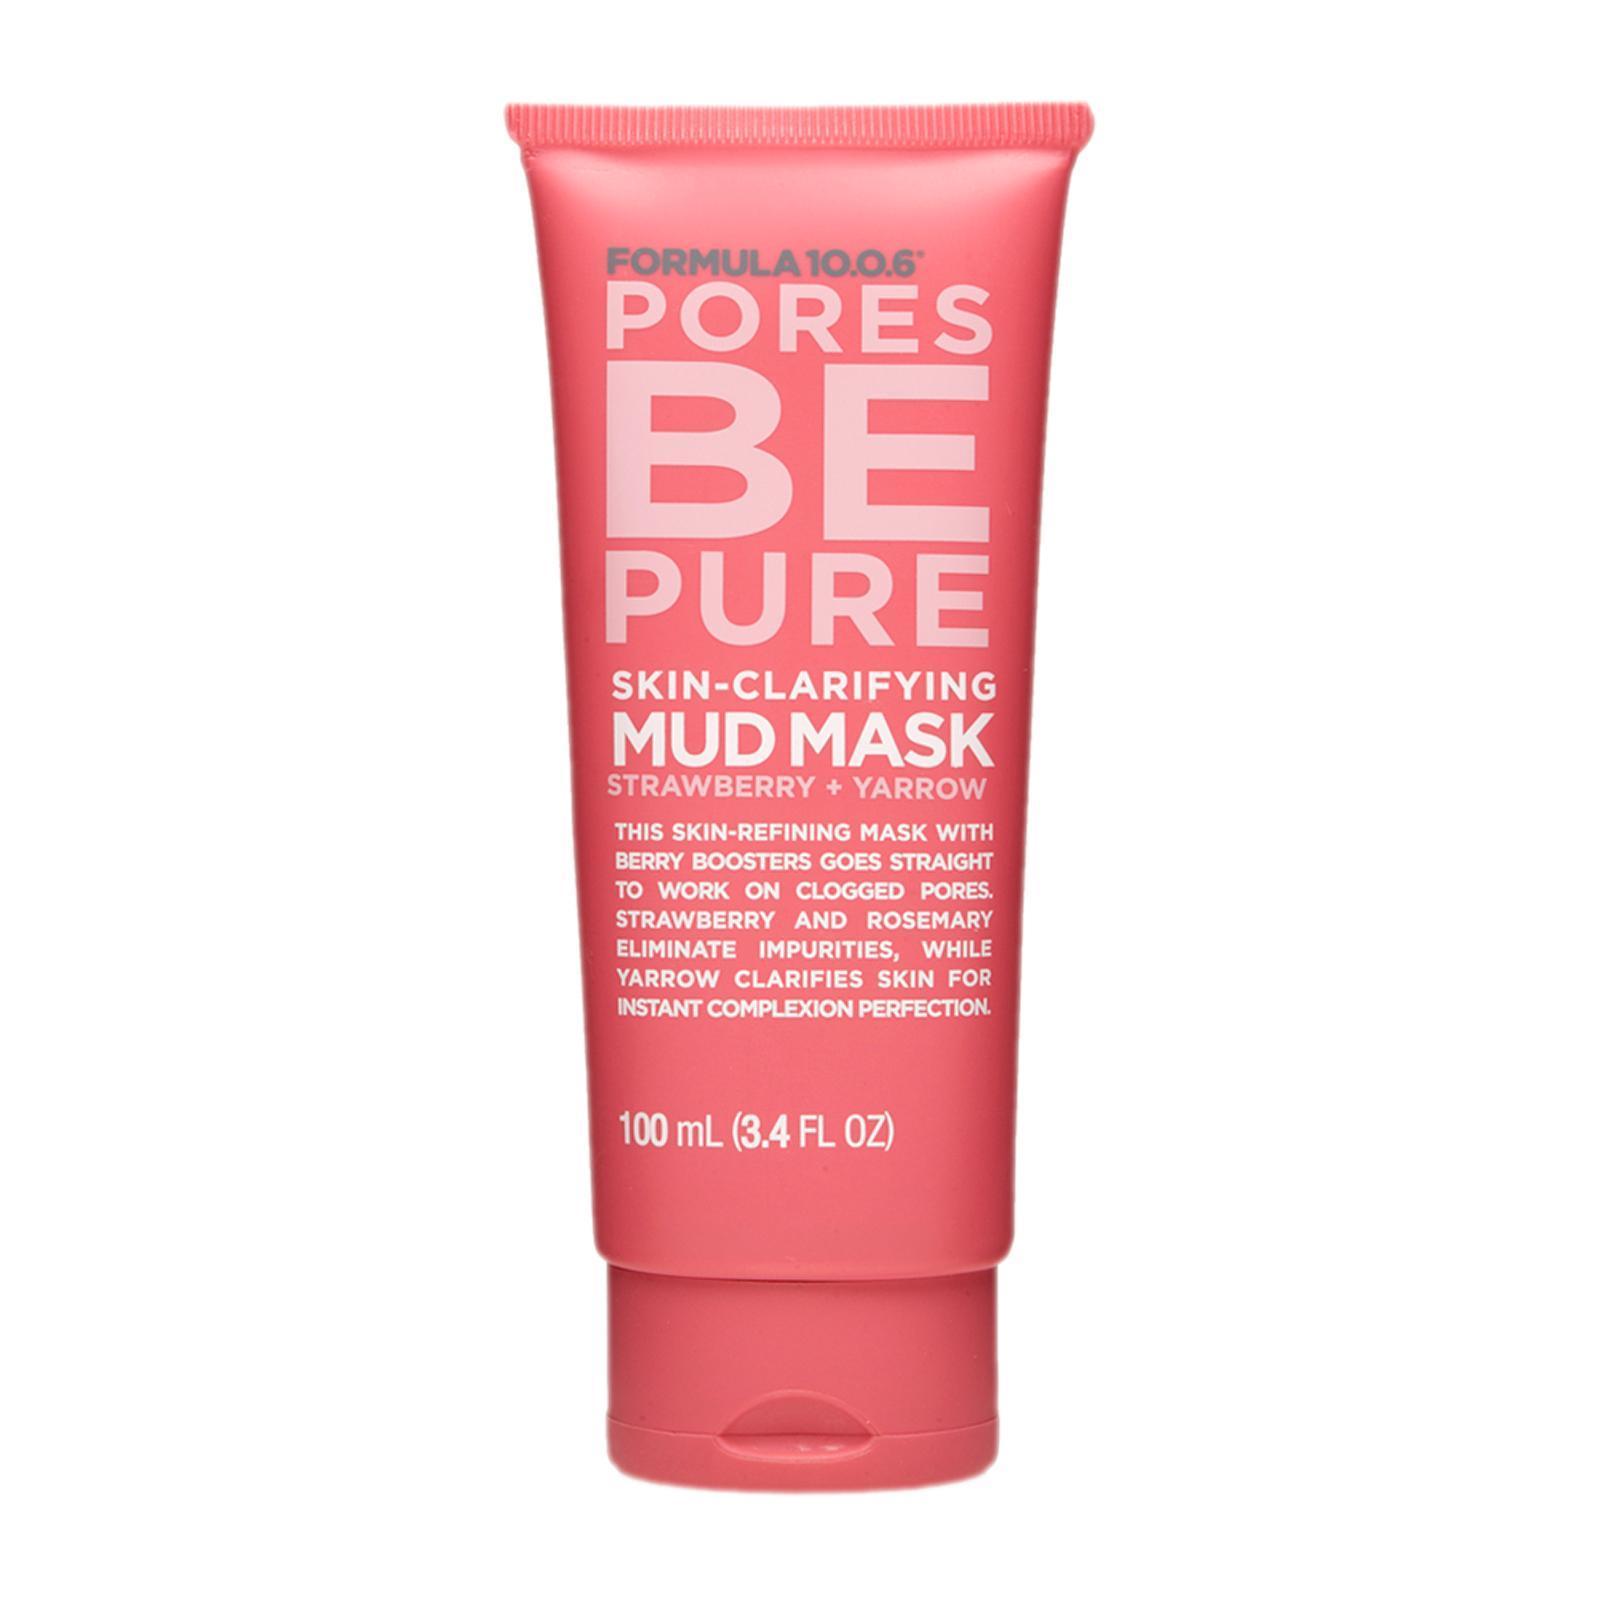 Formula 10.0.6 Pores Be Pure